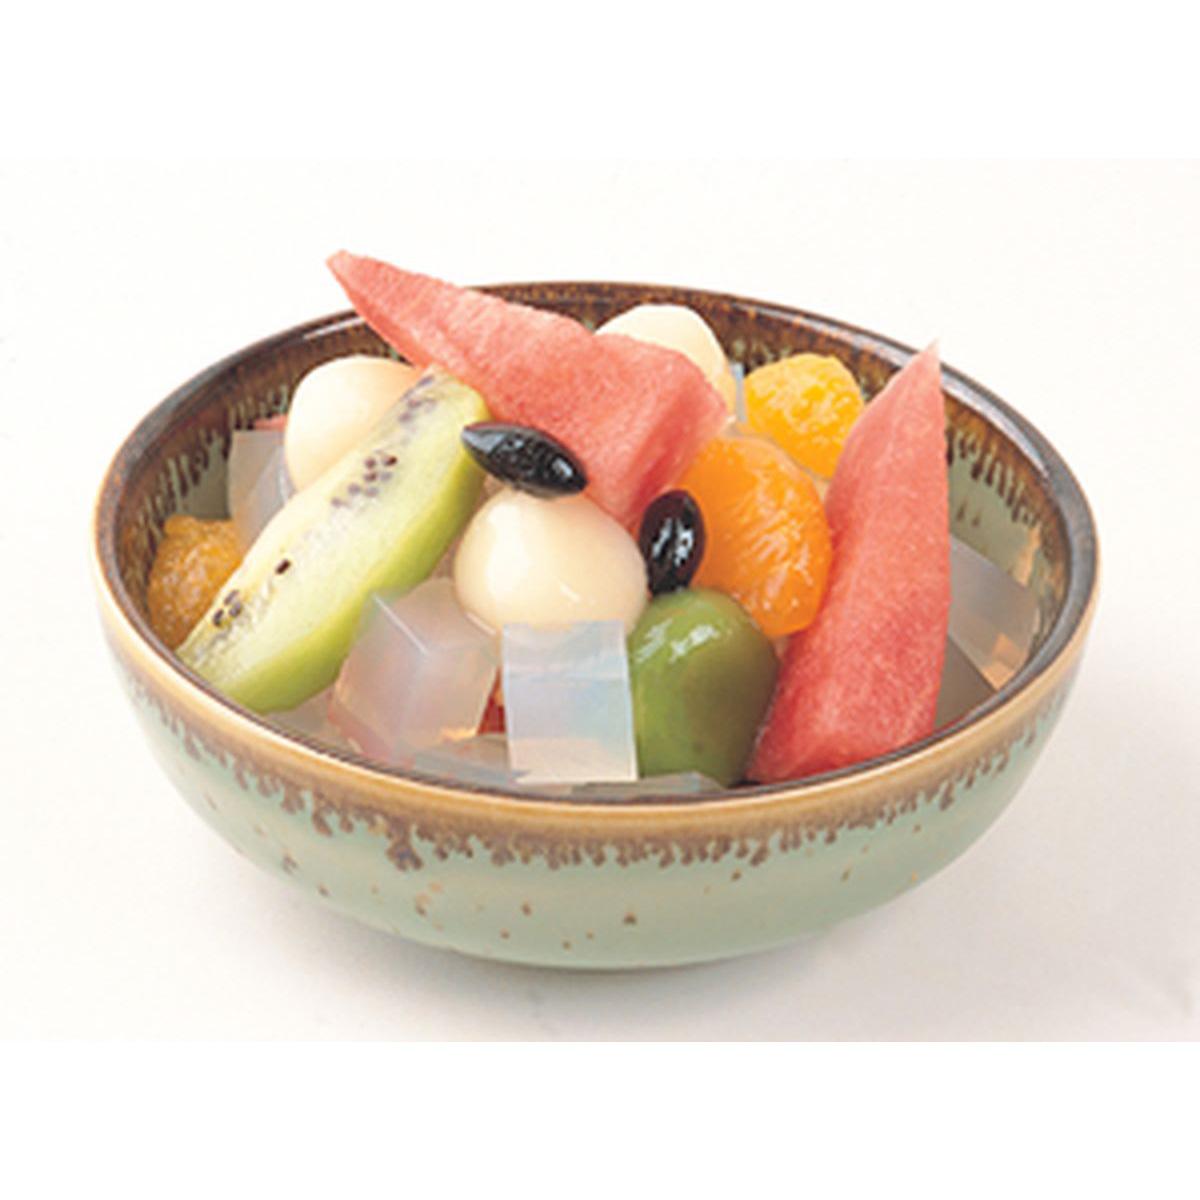 食譜:白玉蜜果